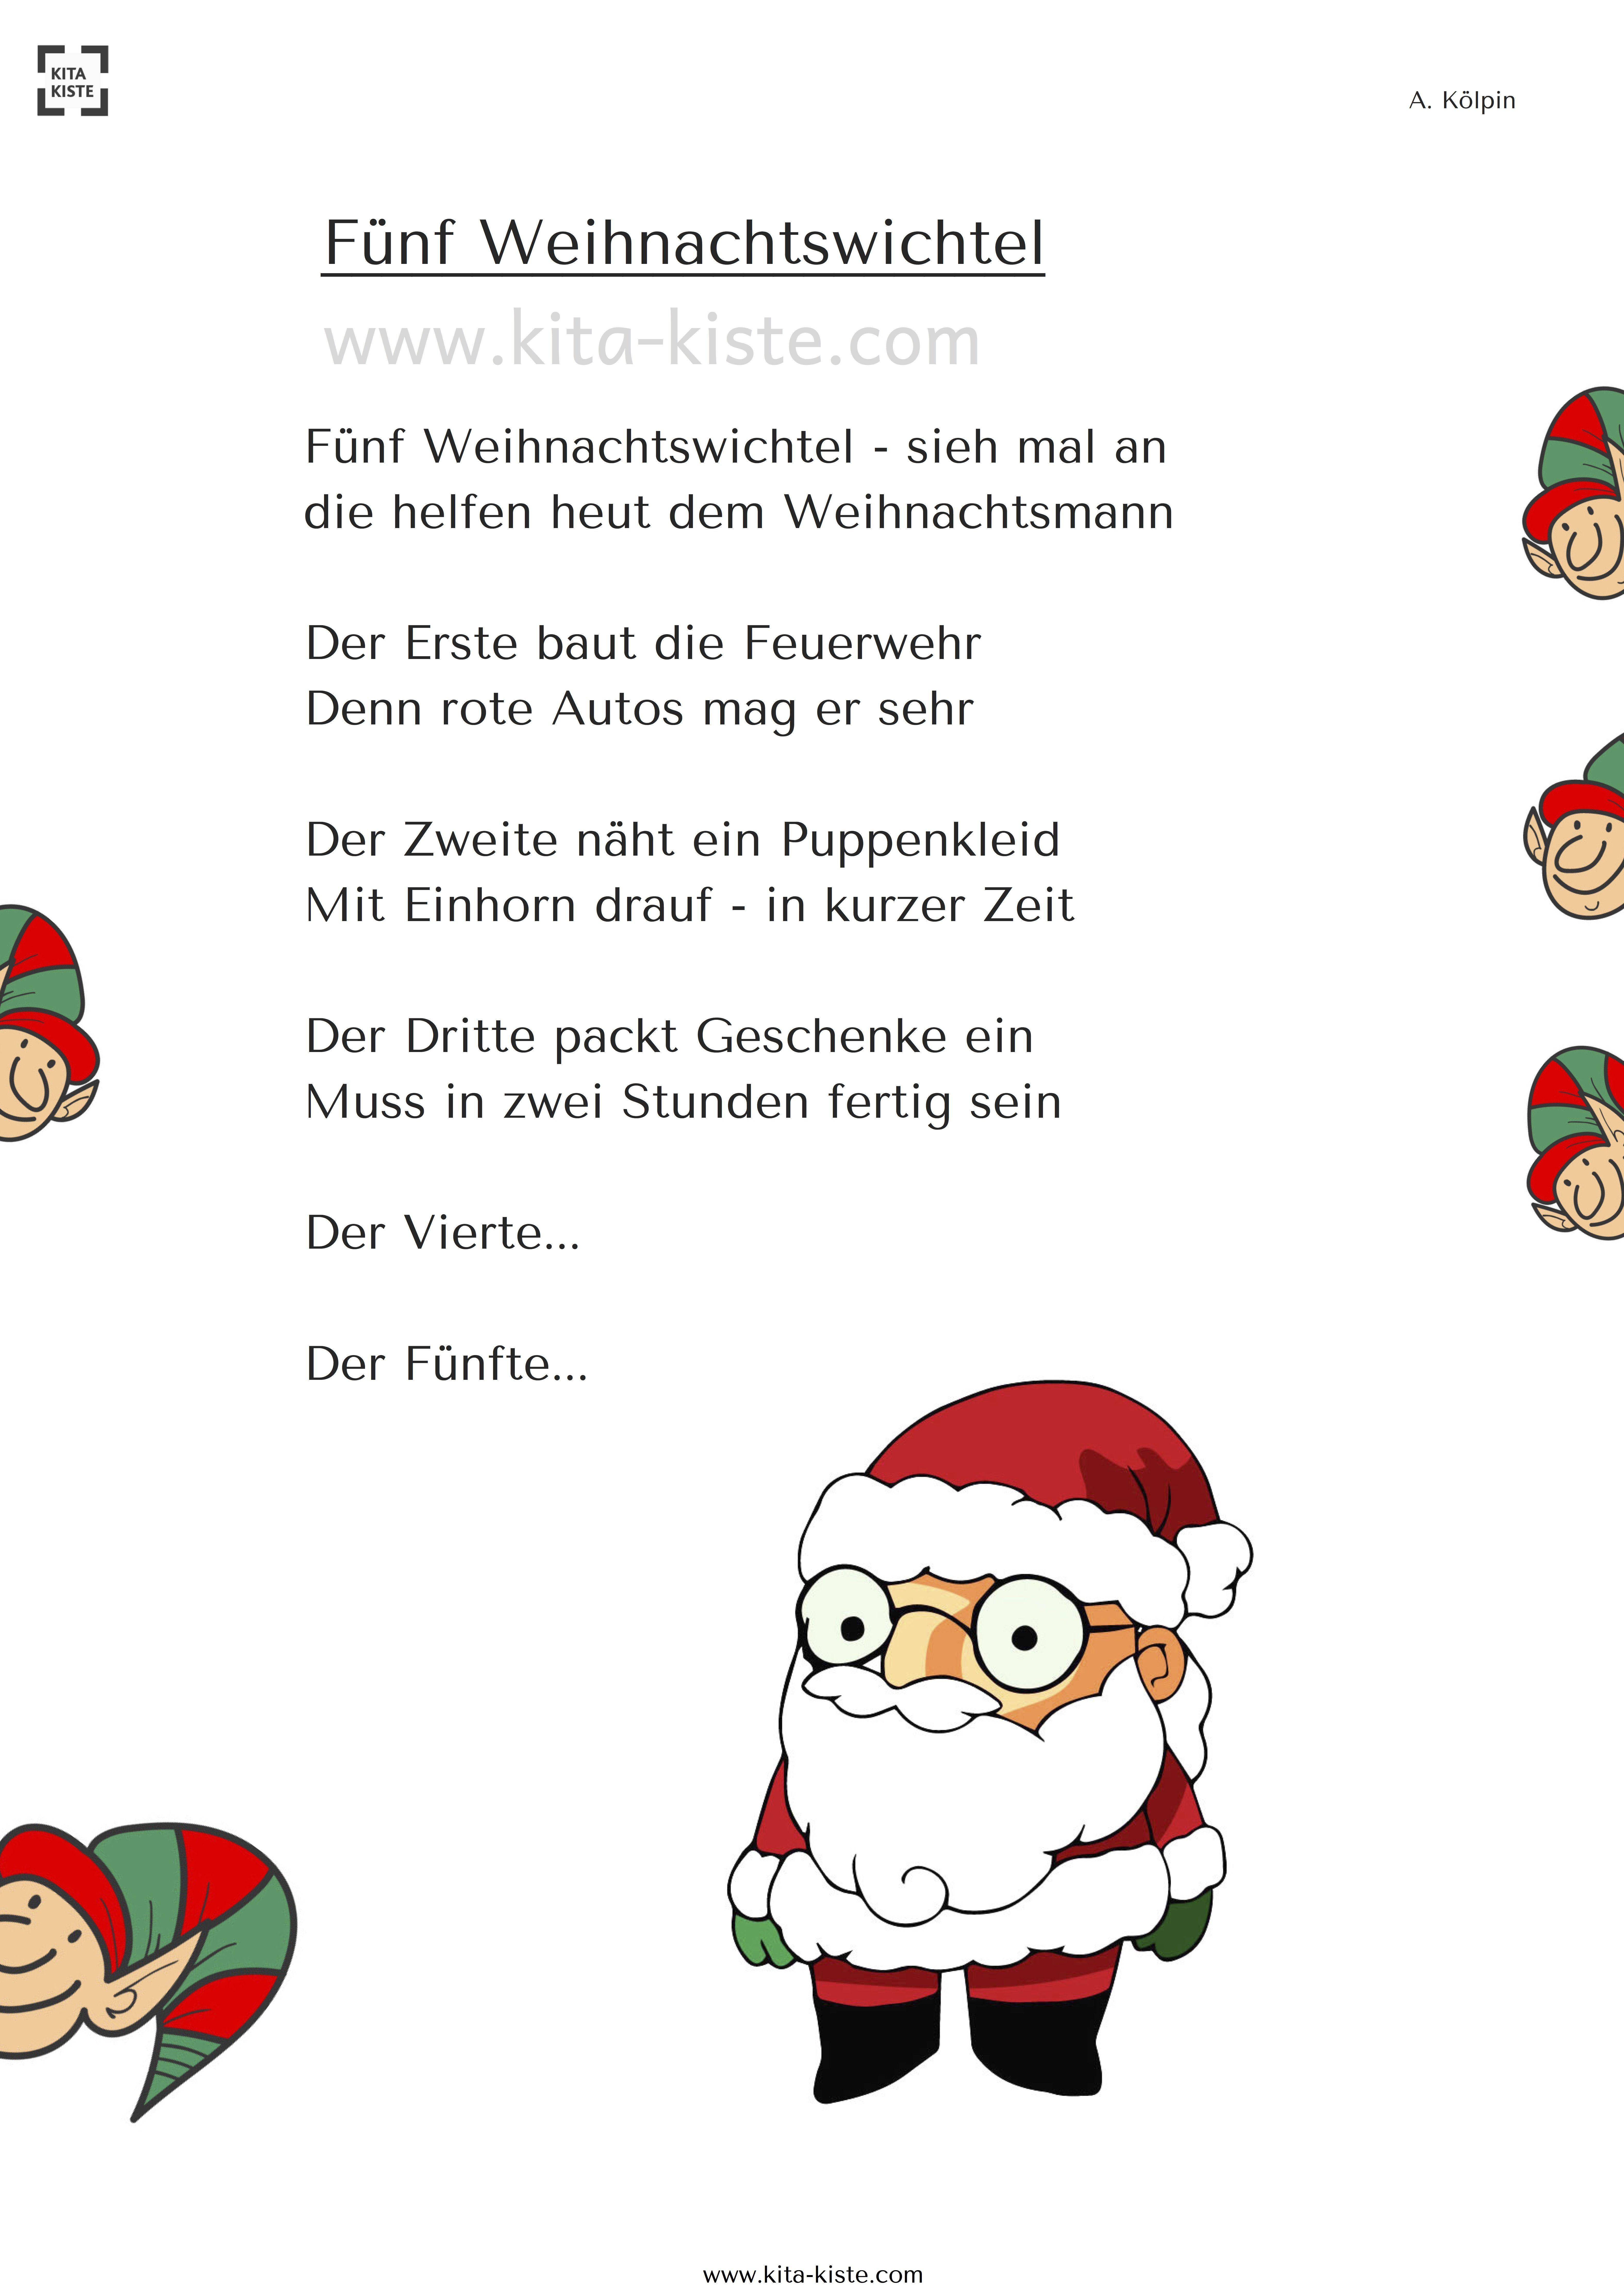 Funf Weihnachtswichtel Bestkaraokemachine Weihnachts Gedicht Wie Helfen Die Wichtel Dem Weihnachtsmann Weihnachtswichtel Gedicht Weihnachten Weihnachtself